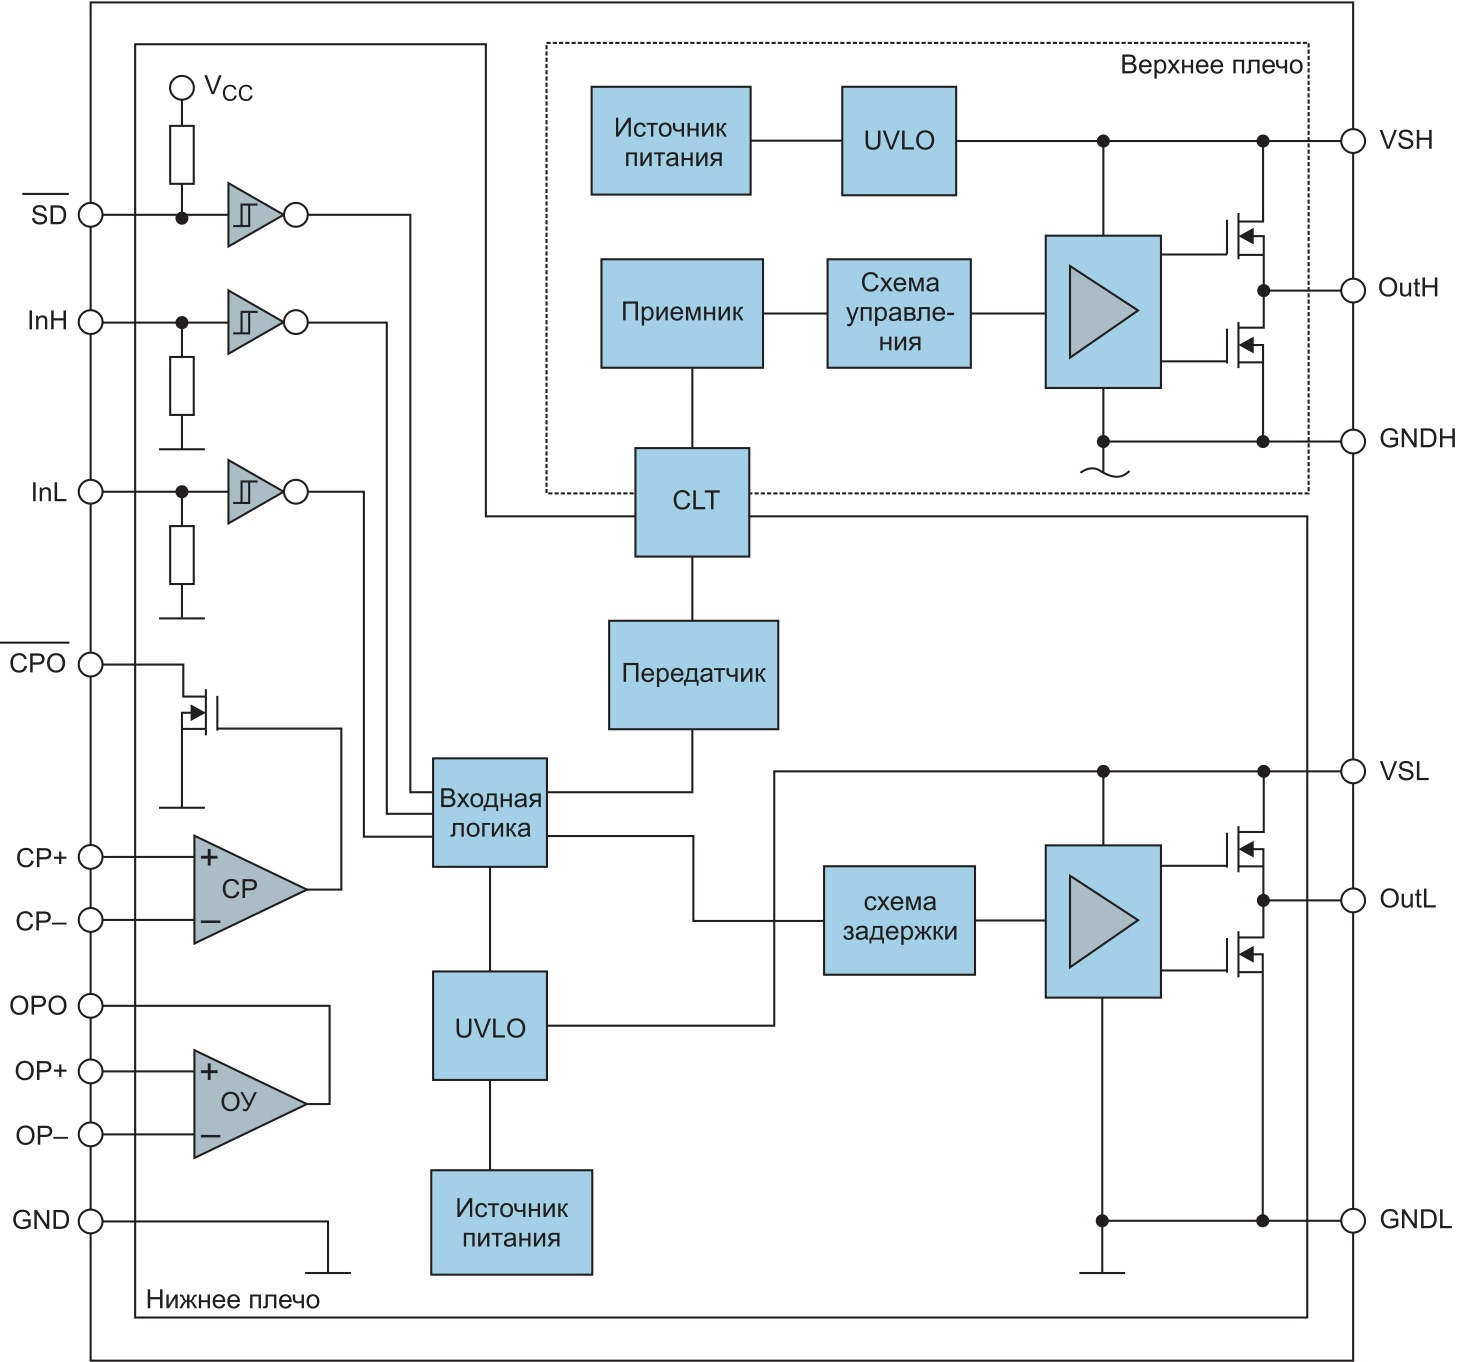 Структура микросхемы 2ED020I12-FI